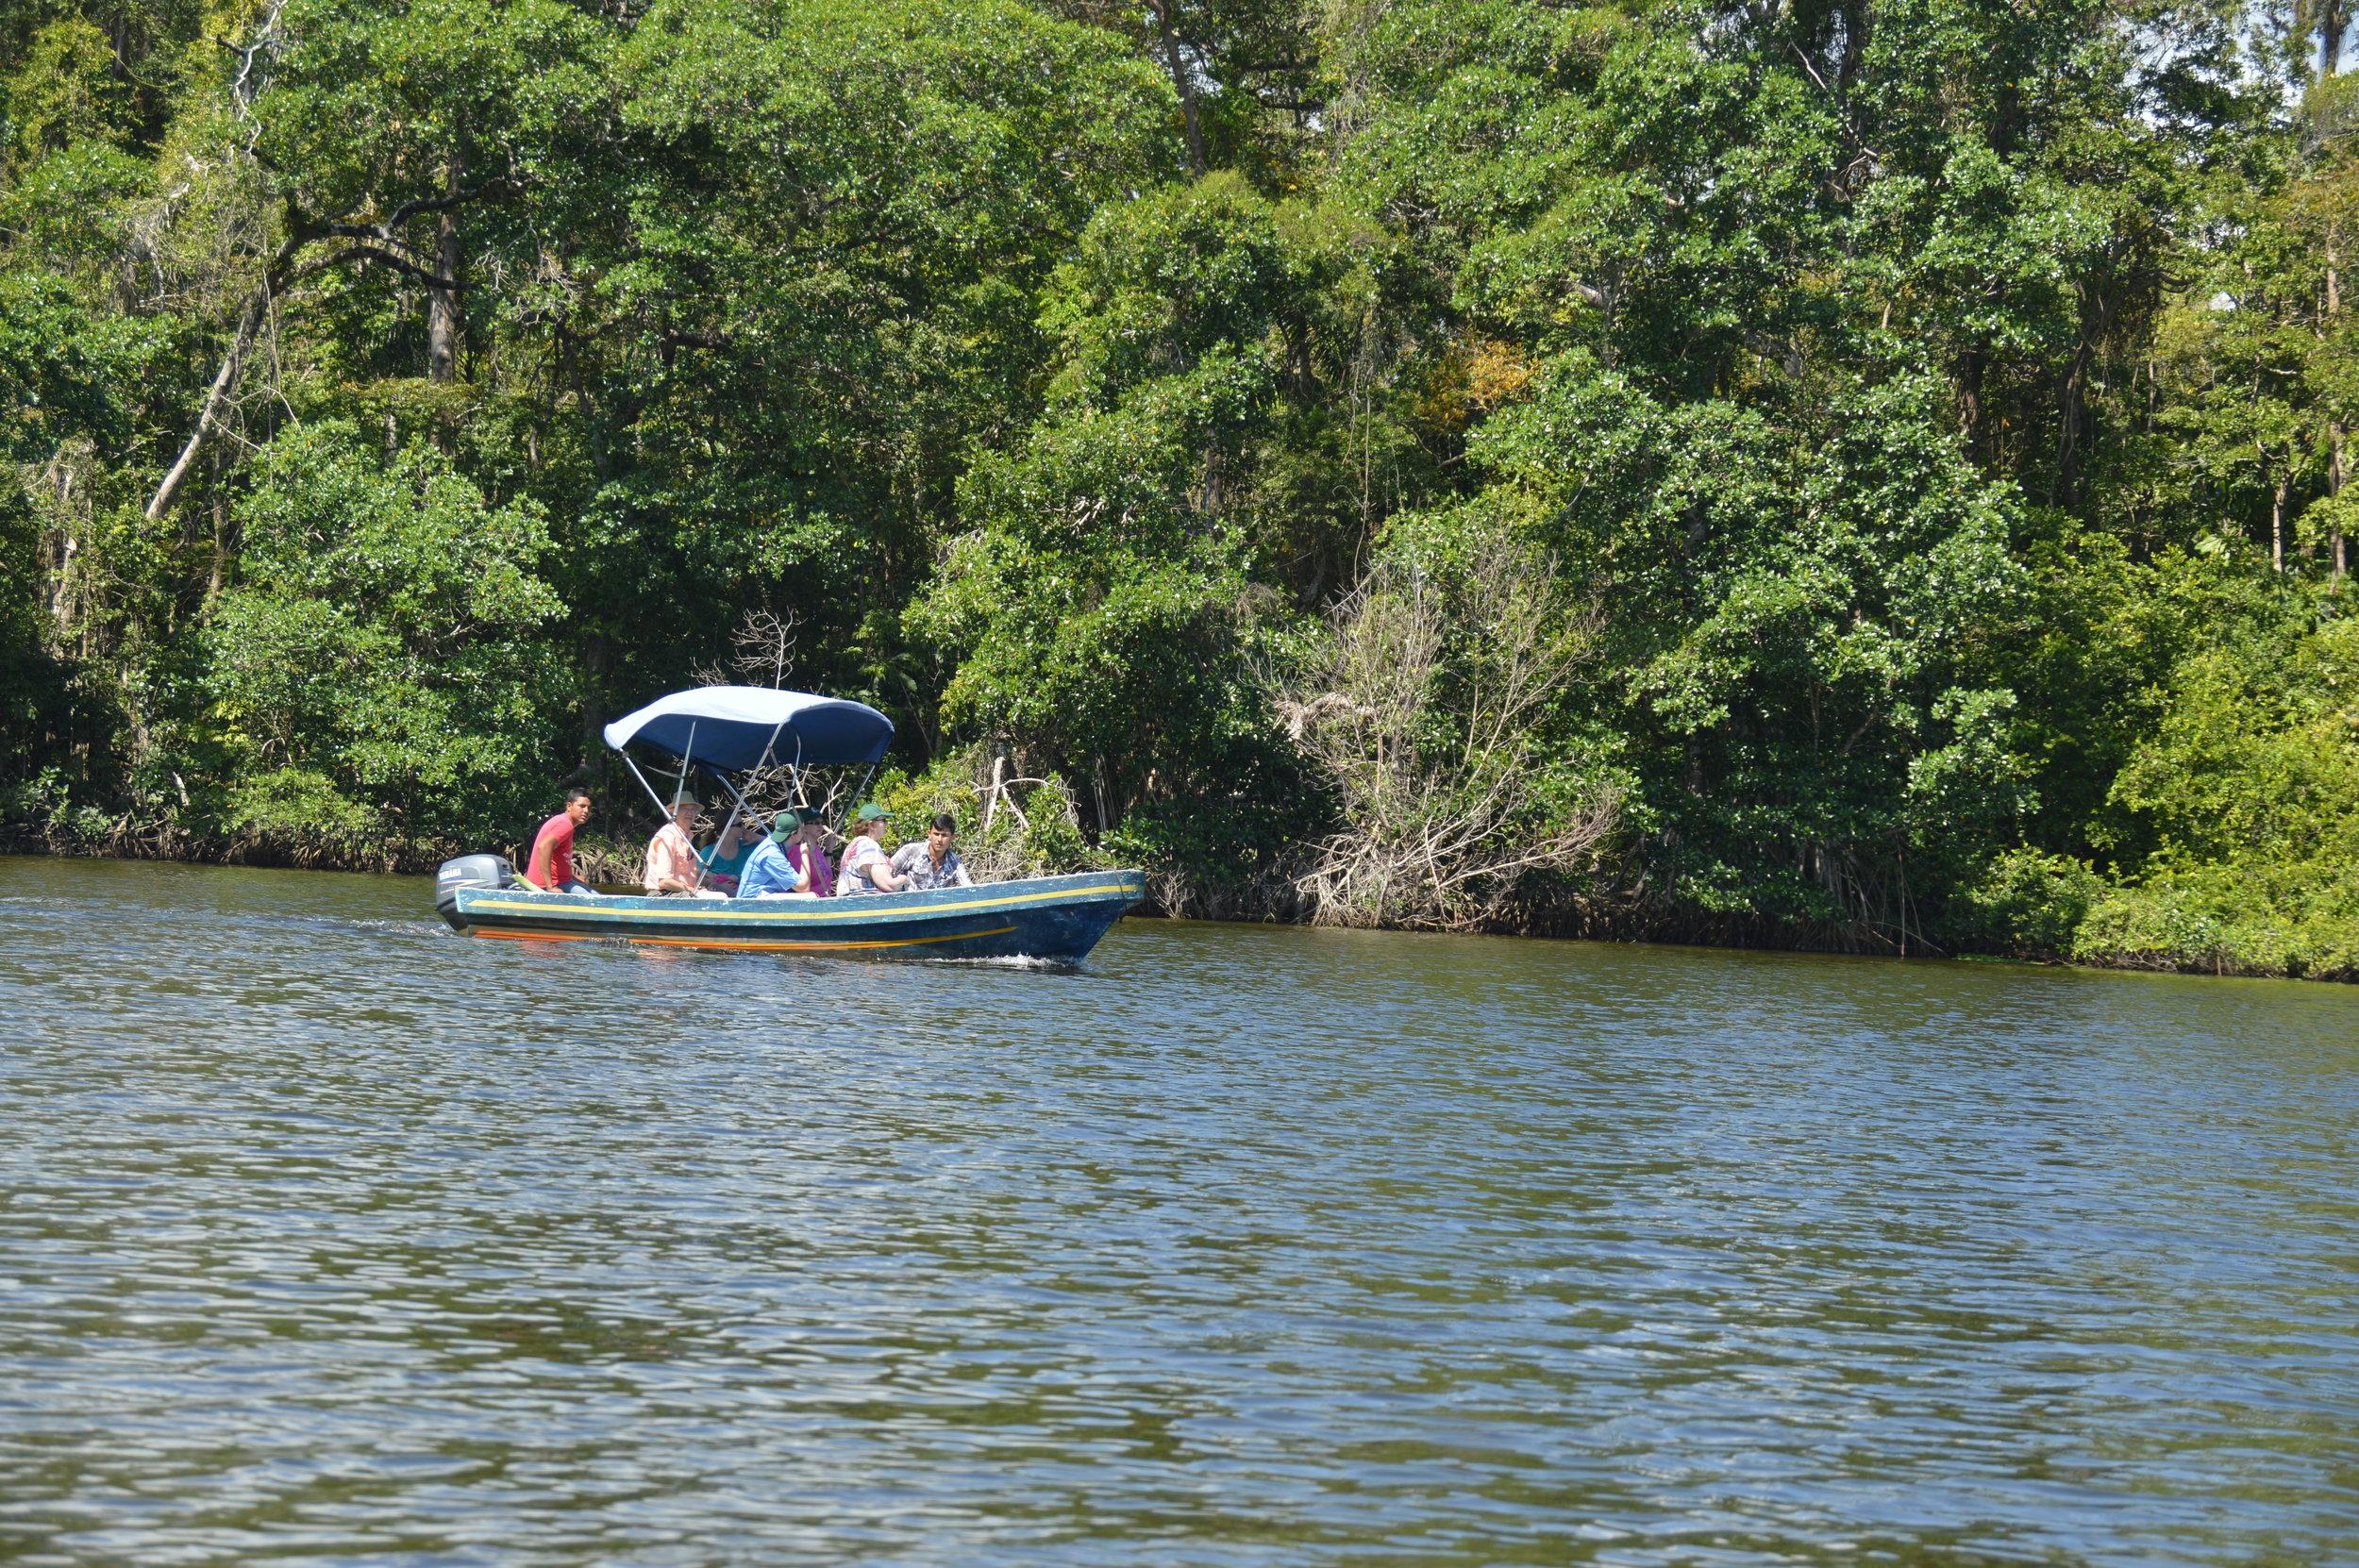 Boat trip on Rio Salado